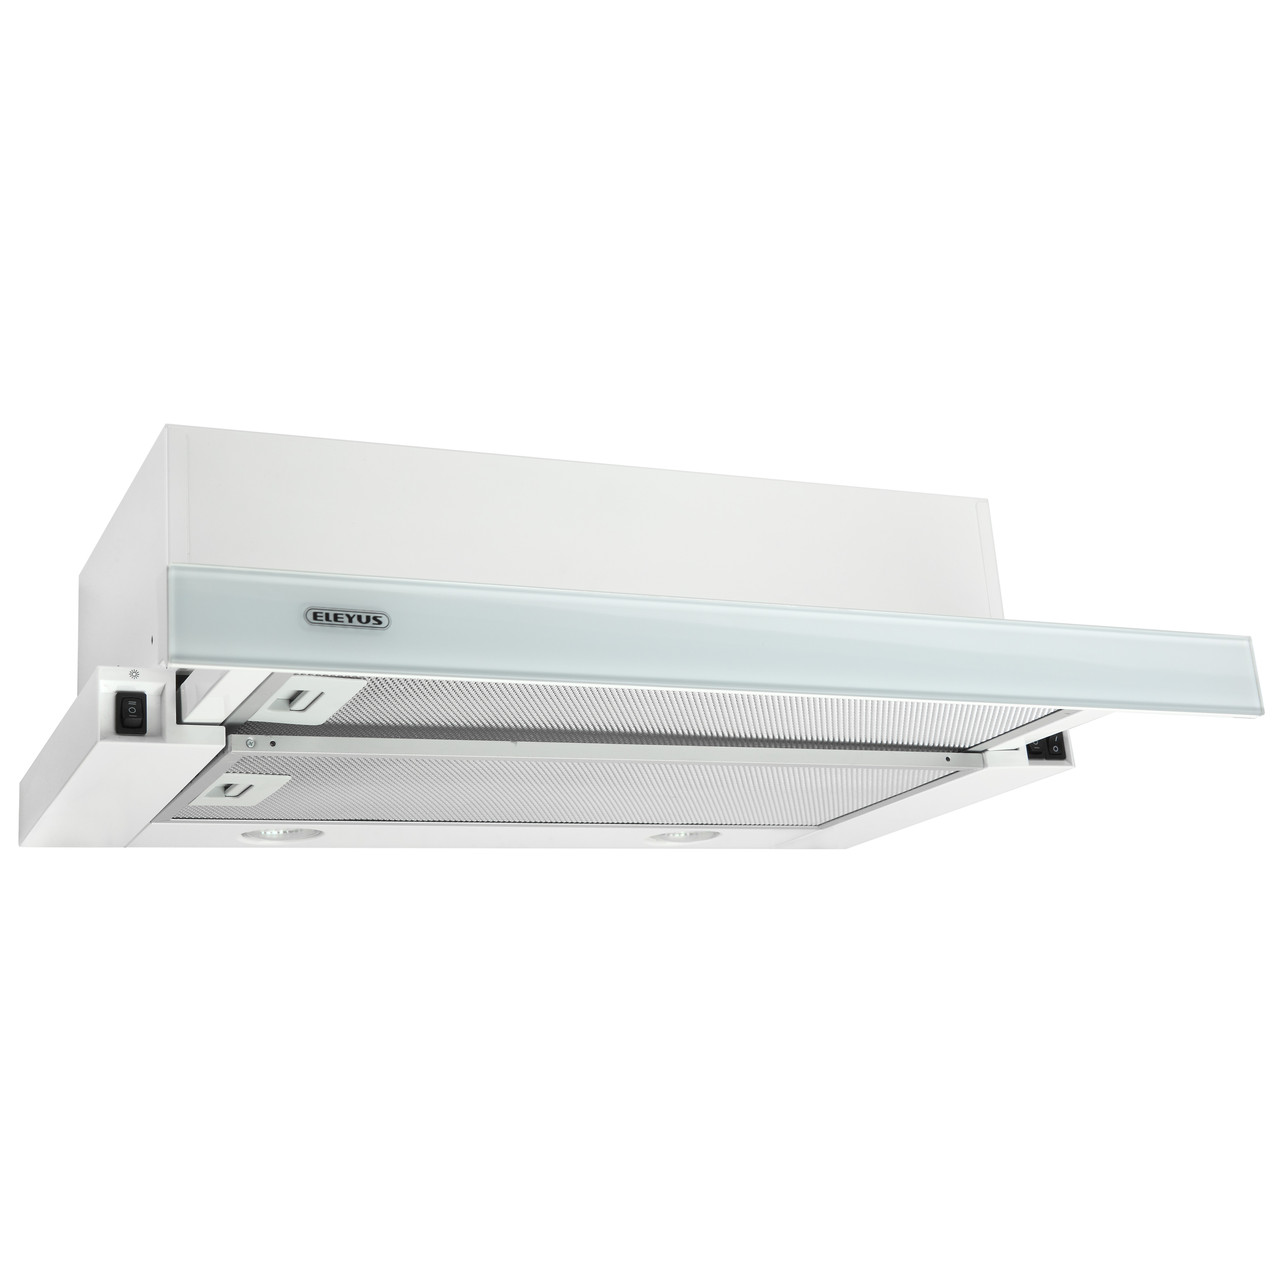 Витяжка кухонна телескопічна ELEYUS Storm G 960 LED SMD 60 WH + Безкоштовна доставка!